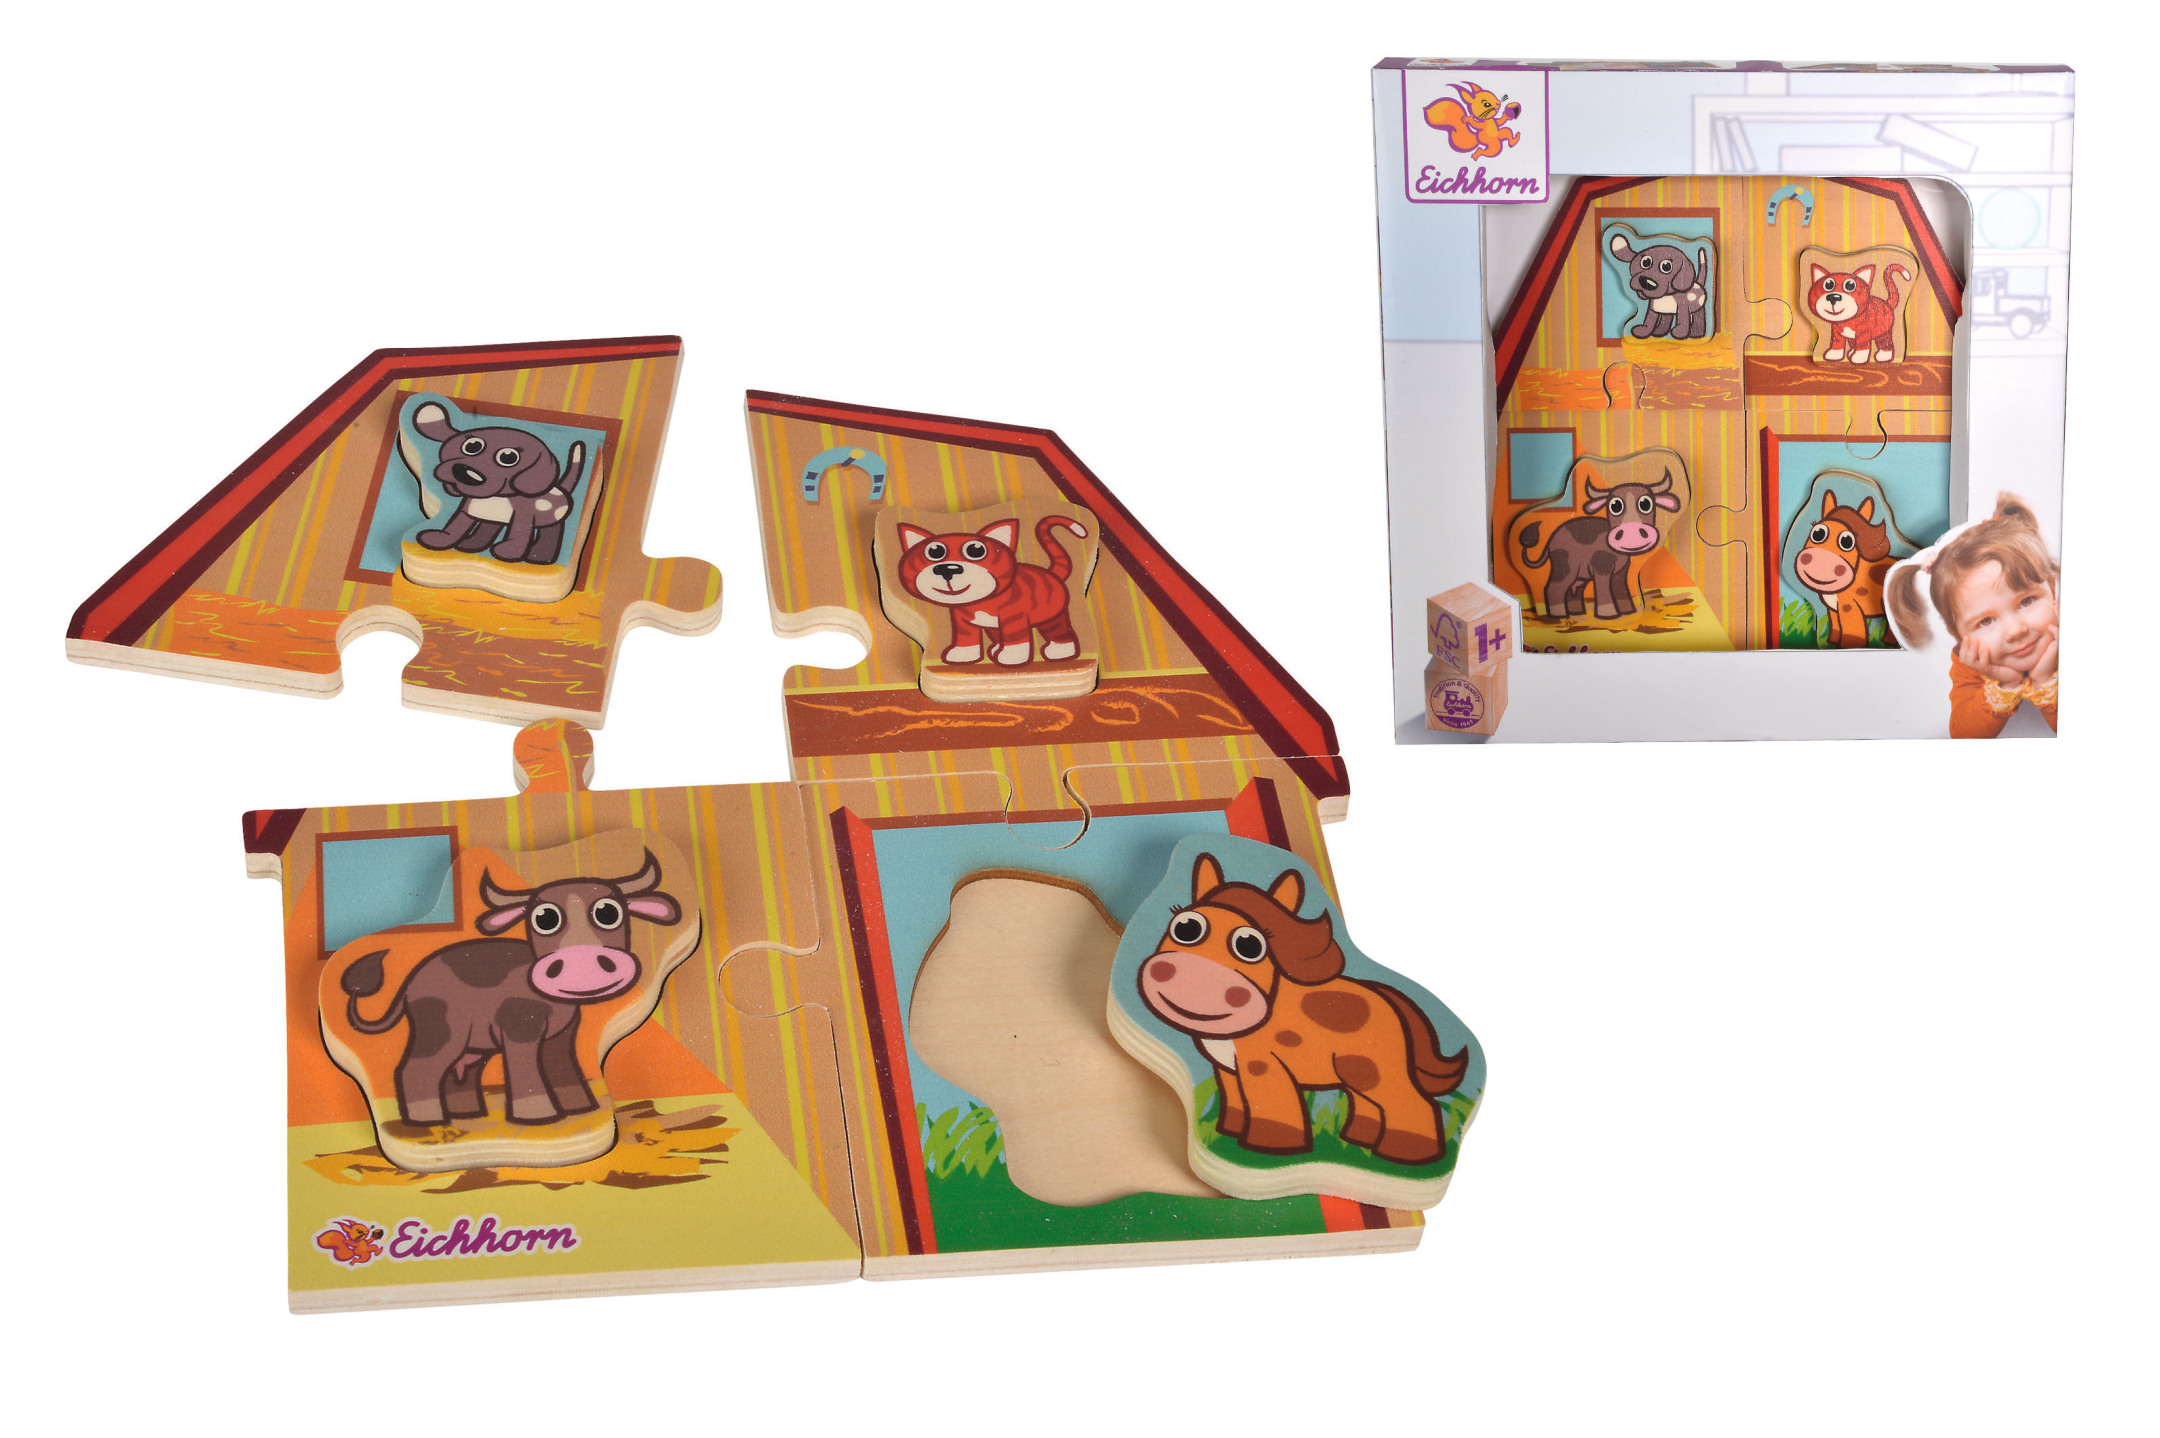 Eichhorn 2 Level Puzzle mit Tieren